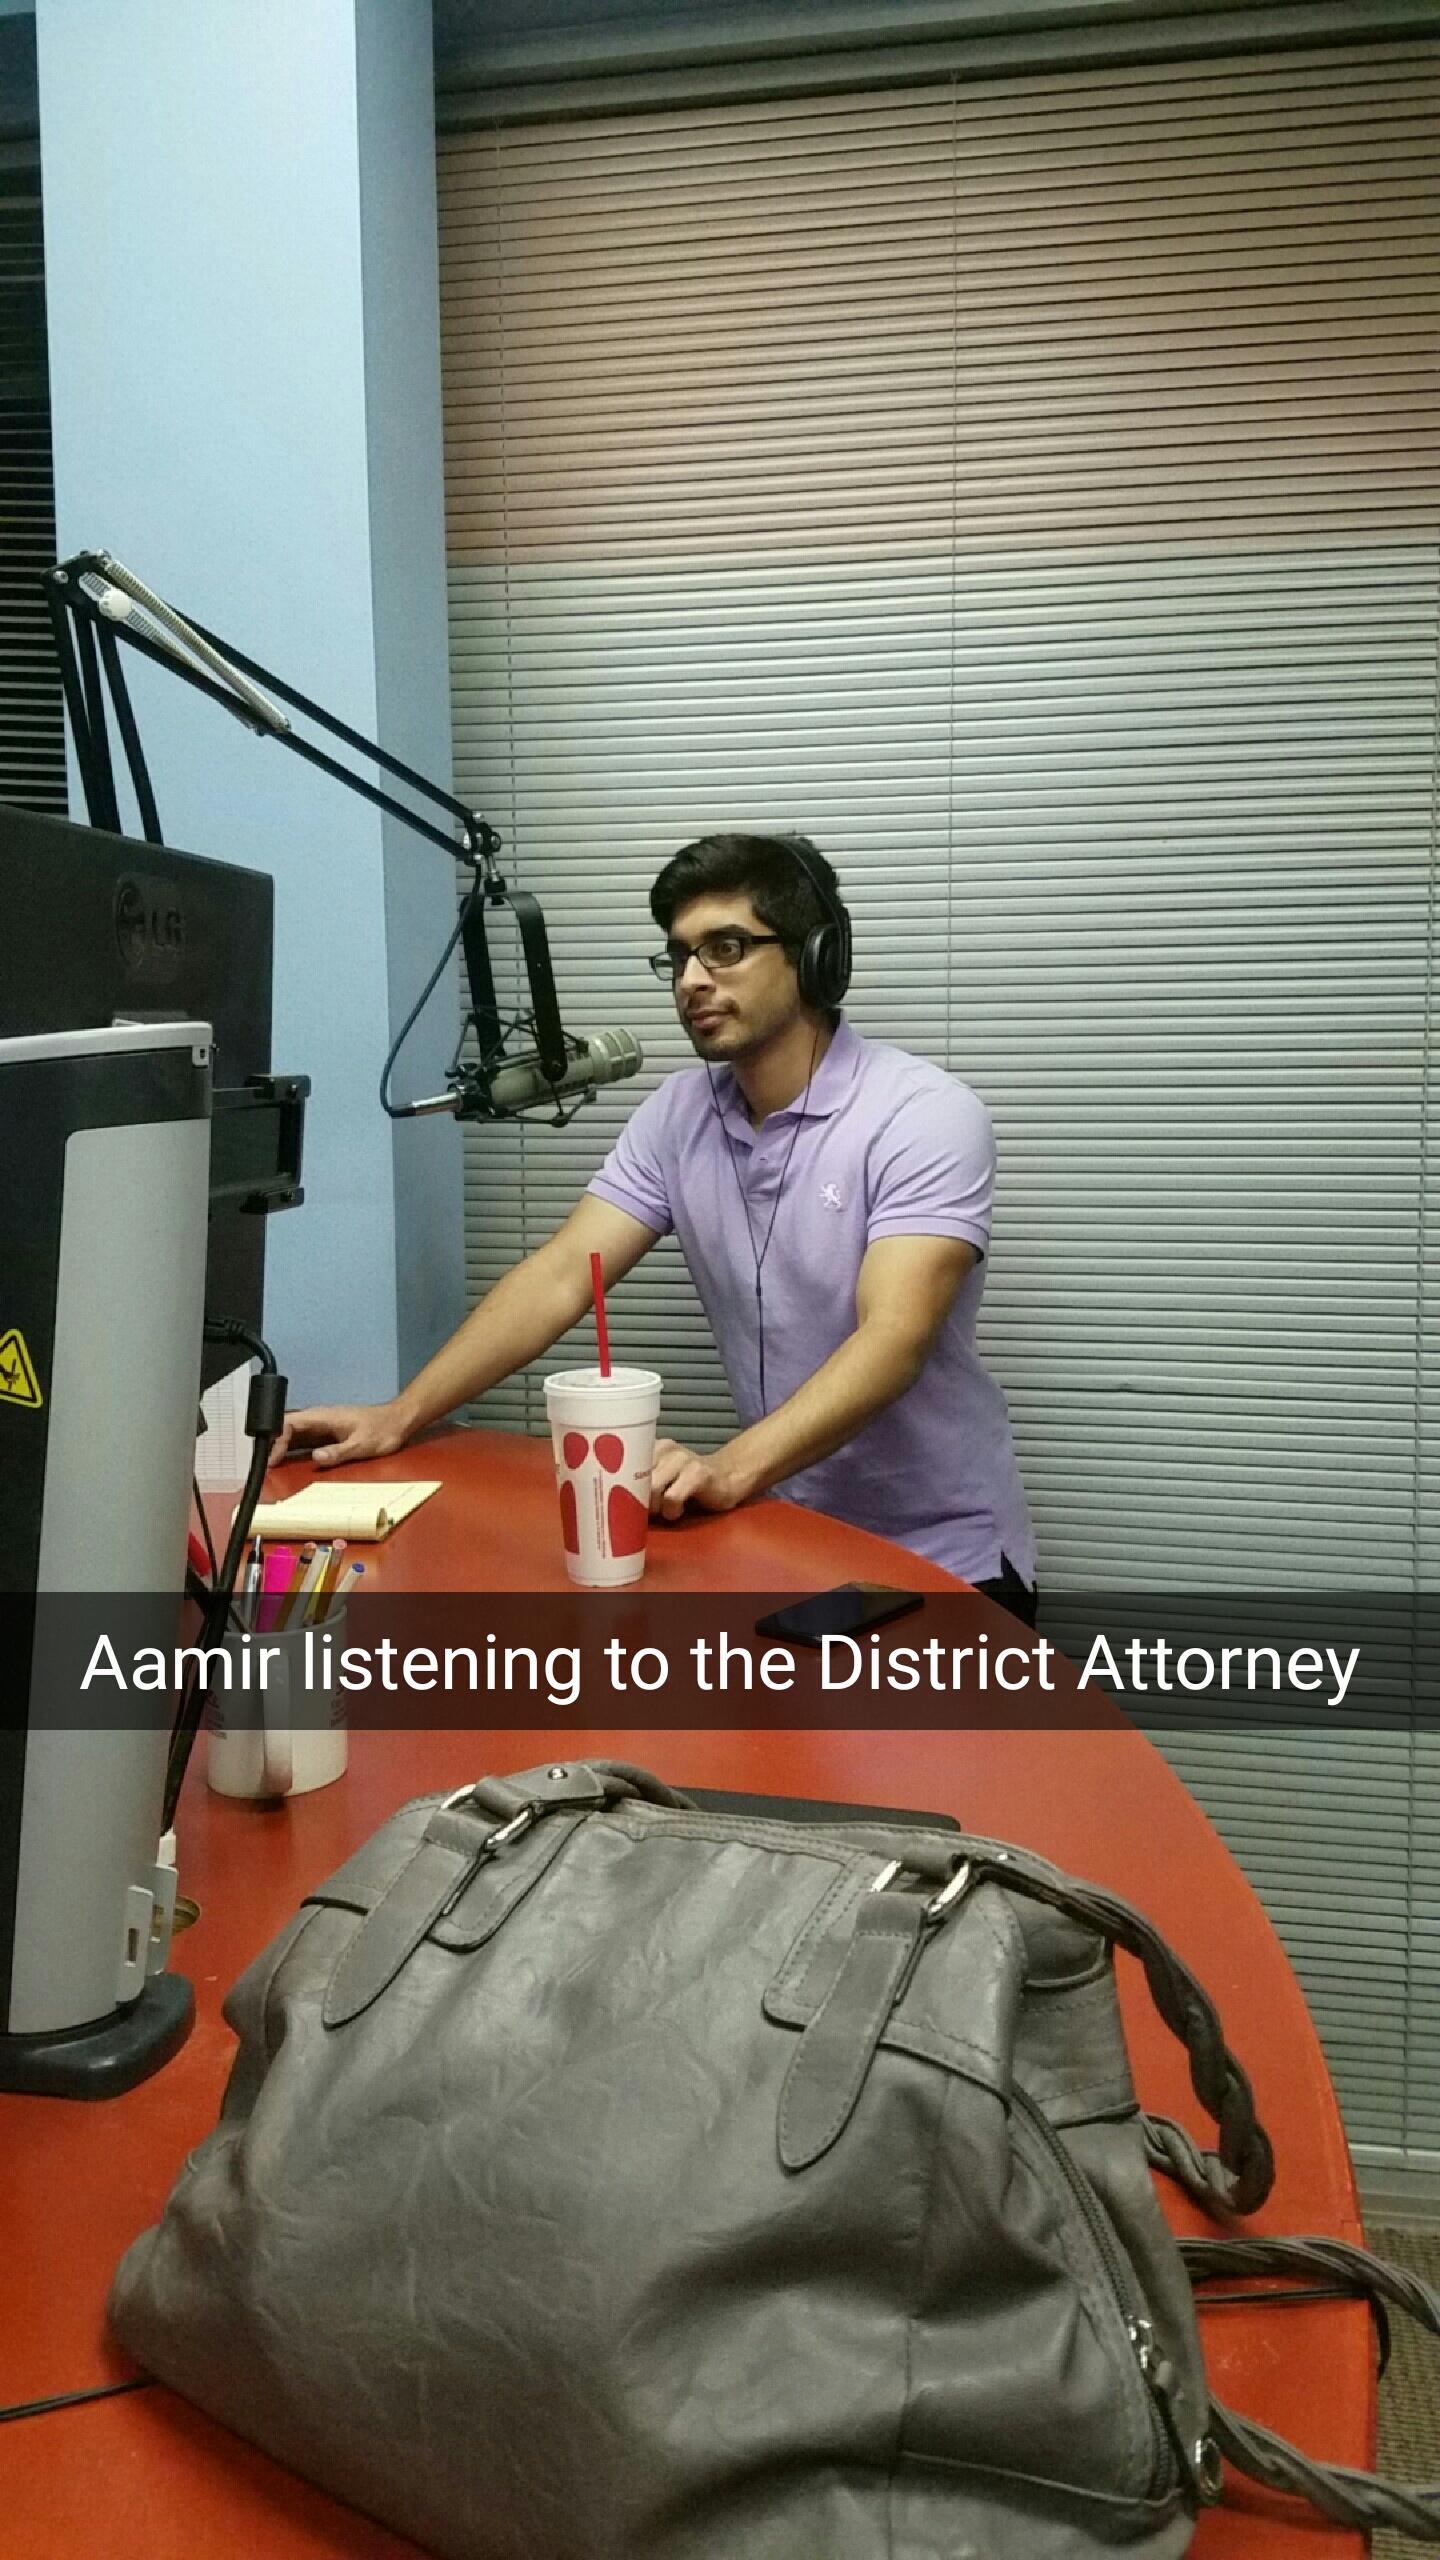 Radio_Aamir.jpg